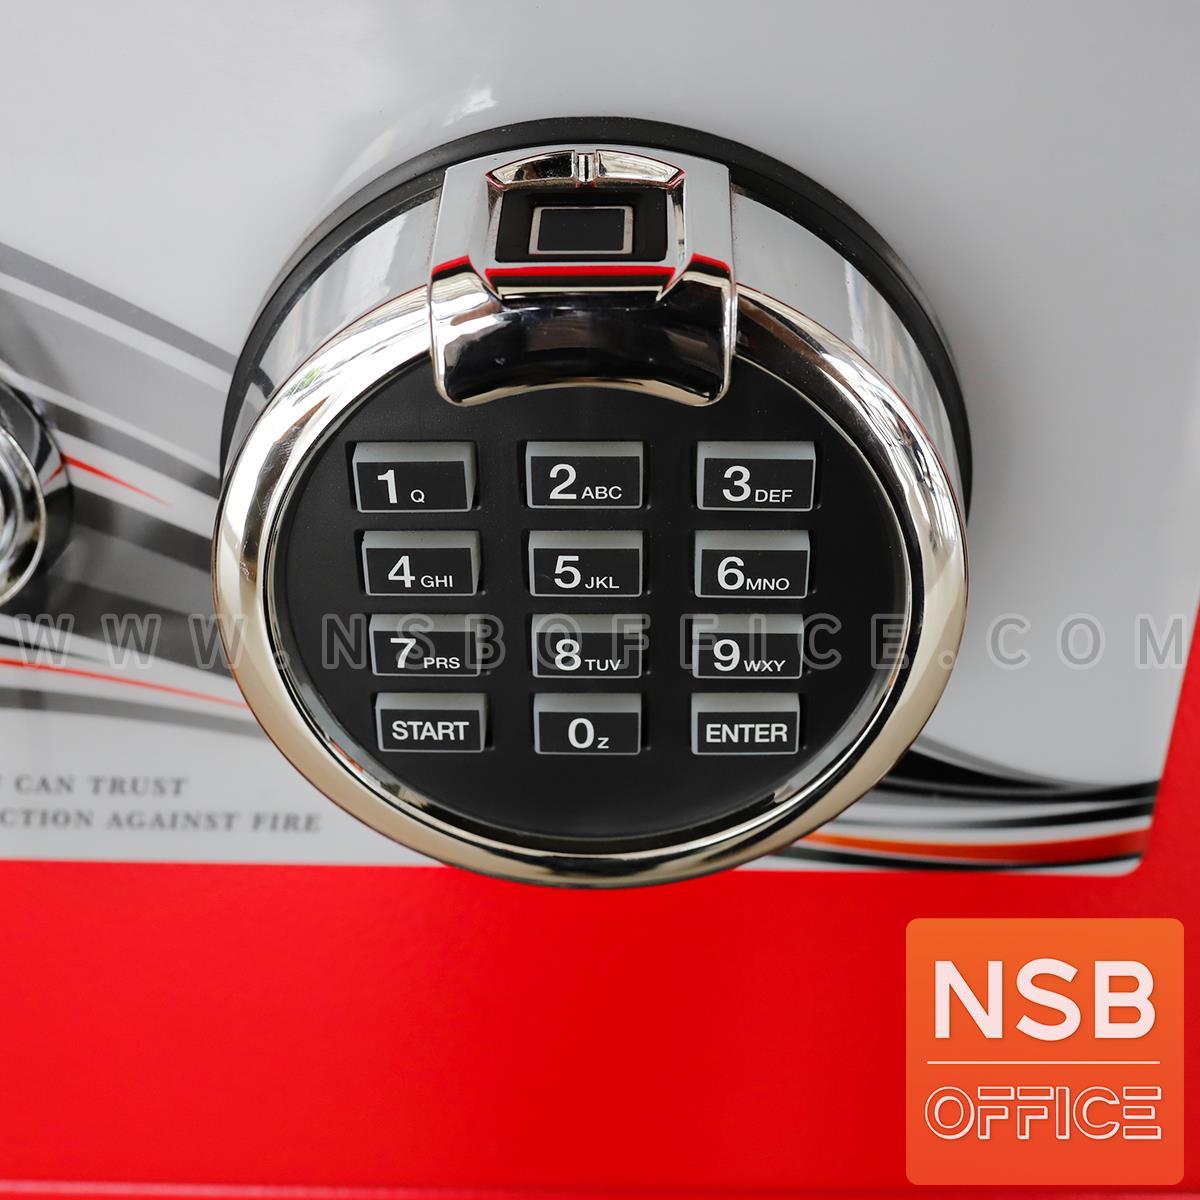 ตู้เซฟนิรภัยดิจิตอลระบบสแกนนิ้วมือ แบบนอน 50 กก.  รุ่น PRESIDENT-SS1-DF มี 1 รหัส 1 กุญแจ